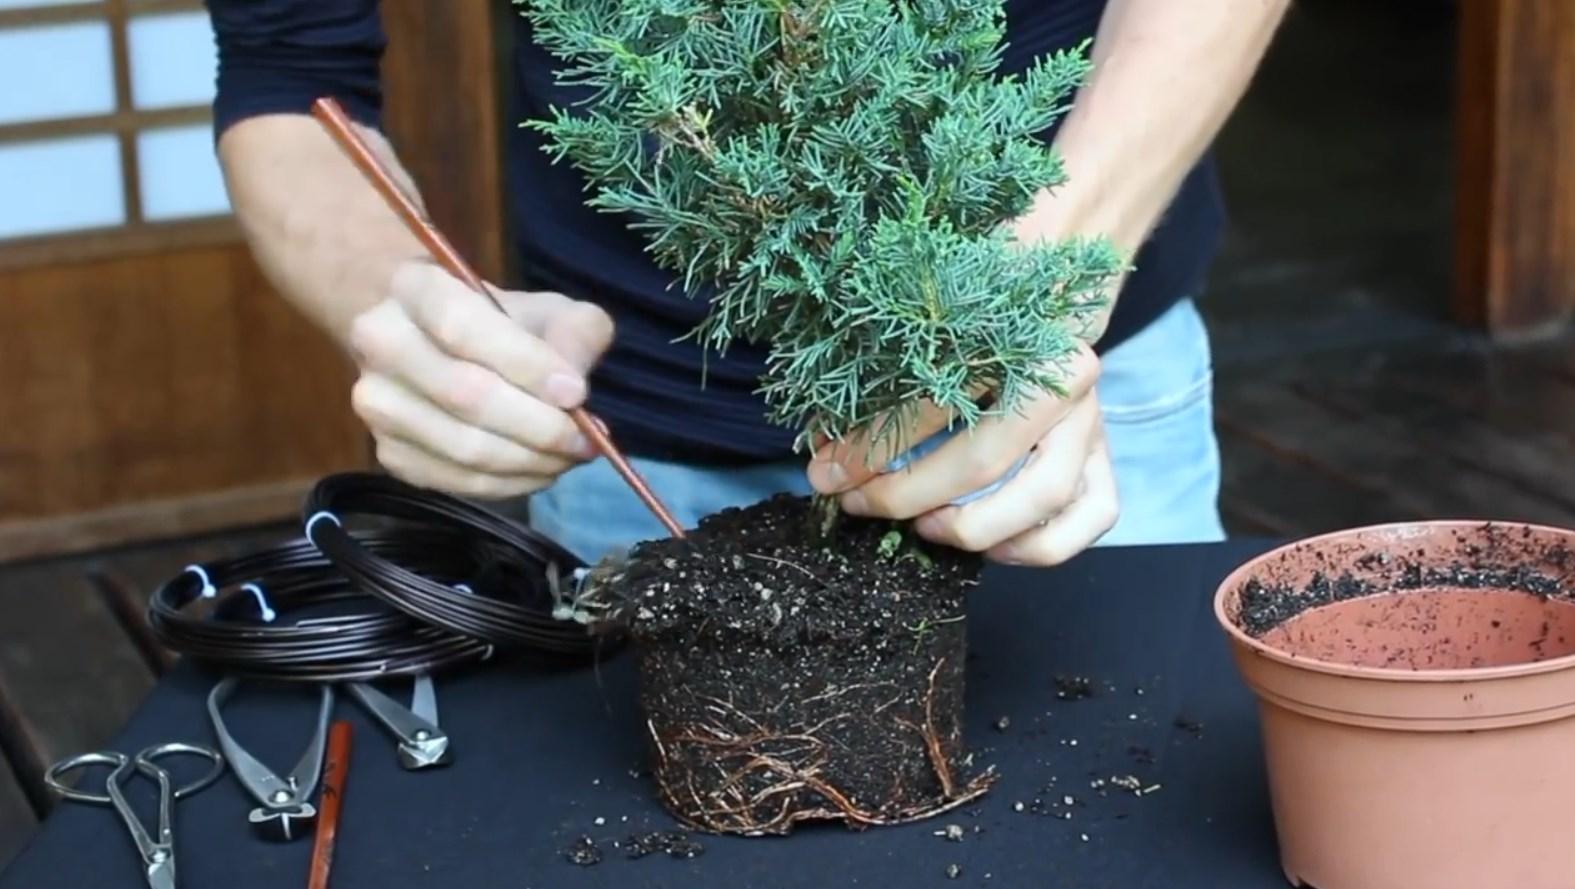 07.-Como-crear-un-bonsai-de-enebro-limpieza-1.jpg